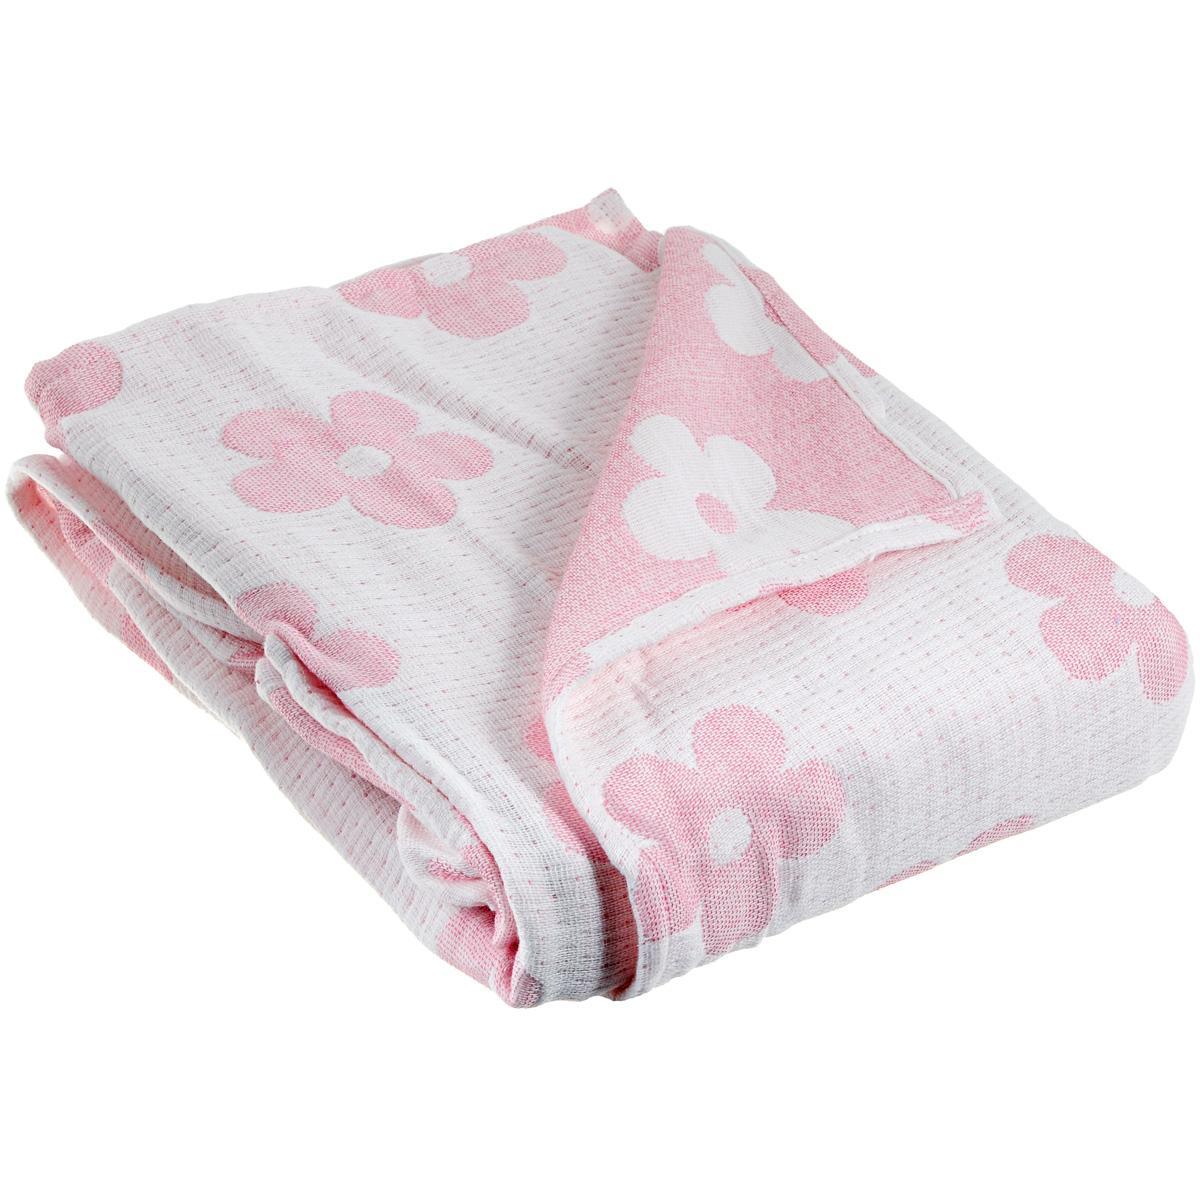 Плед-одеяло детский Baby Nice Цветы, муслиновый, цвет: розовый, 100 см x 118 смQ317475Муслиновый плед-одеяло Baby Nice Цветы, изготовленный из мягкого натурального 100% хлопка, оформлен цветочным рисунком. Плед-одеяло для новорожденных из мягкого и дышащего муслинового хлопка идеально подходит для комфортного сна малыша. Состоит из четырех слоев дышащего муслина, которые помогут сохранить тепло собственного тела ребенка, предотвращая перегревание. Благодаря особой технологии переплетения нитей и специальной отделки пряжи, муслиновый плед приобрел улучшенную мягкость и гигроскопичность. Легкий и дышащий, эластичный и практичный, такой плед хорошо пропускает воздух, впитывает влагу и прекрасно отдает тепло. Он создаст вашему малышу ощущение свежести и комфорта. Муслиновый плед сохраняет свои свойства даже после многочисленных стирок, быстро сохнет и не требует глажки. Во время прогулки такой плед послужит легким одеялом в коляску.